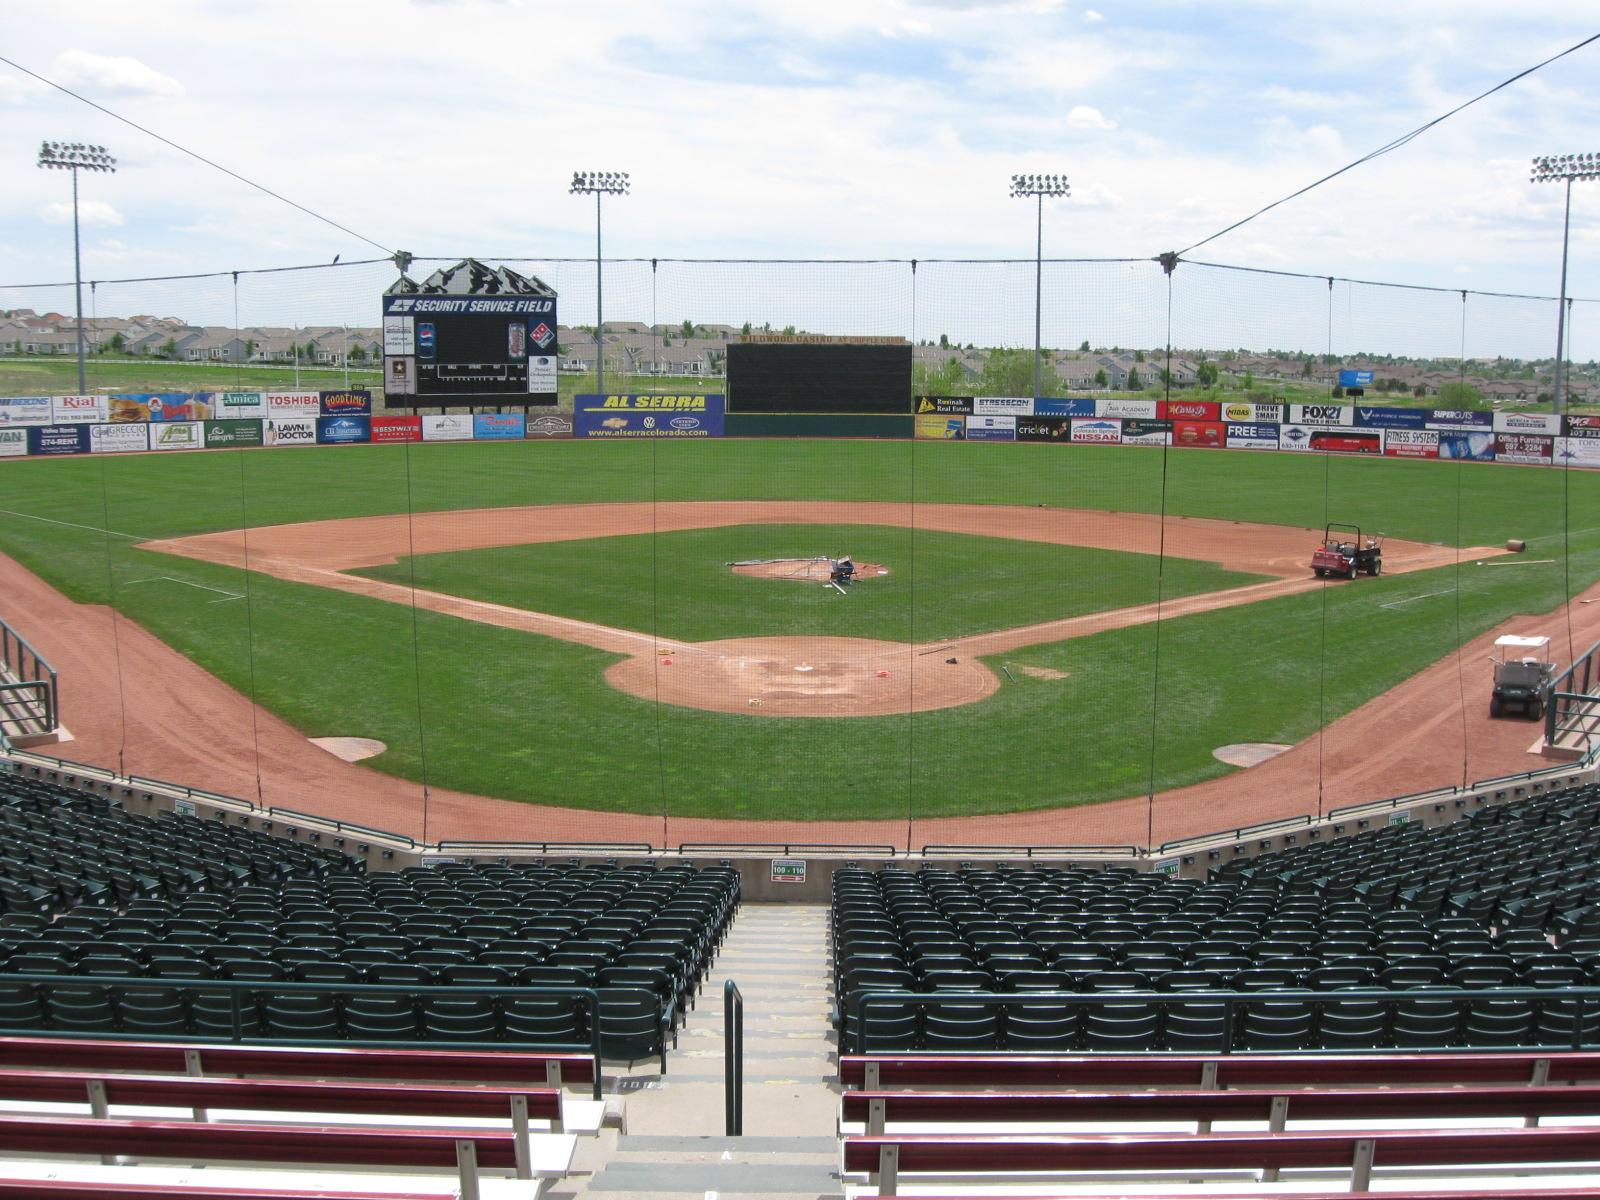 Colorado Springs Security Service Field